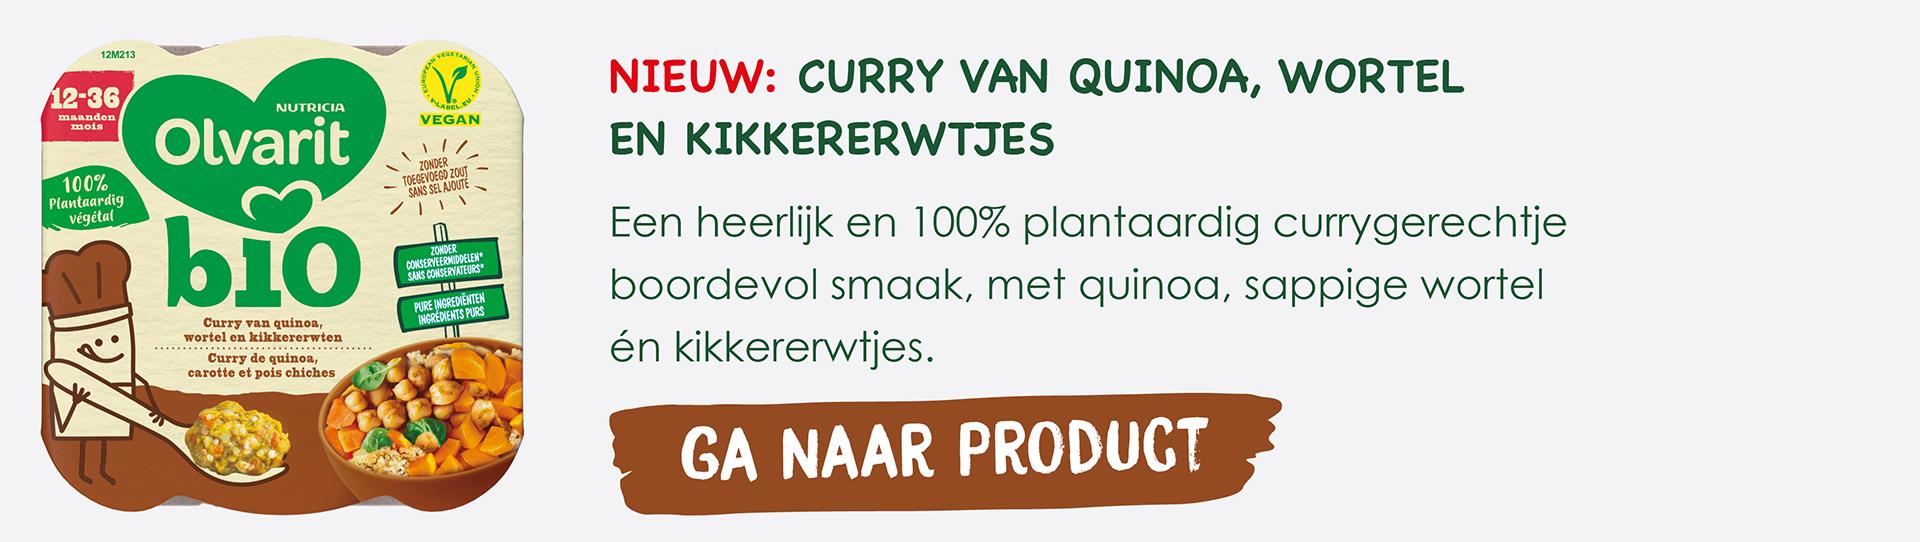 curry van quinoa, wortel en kikkererwten